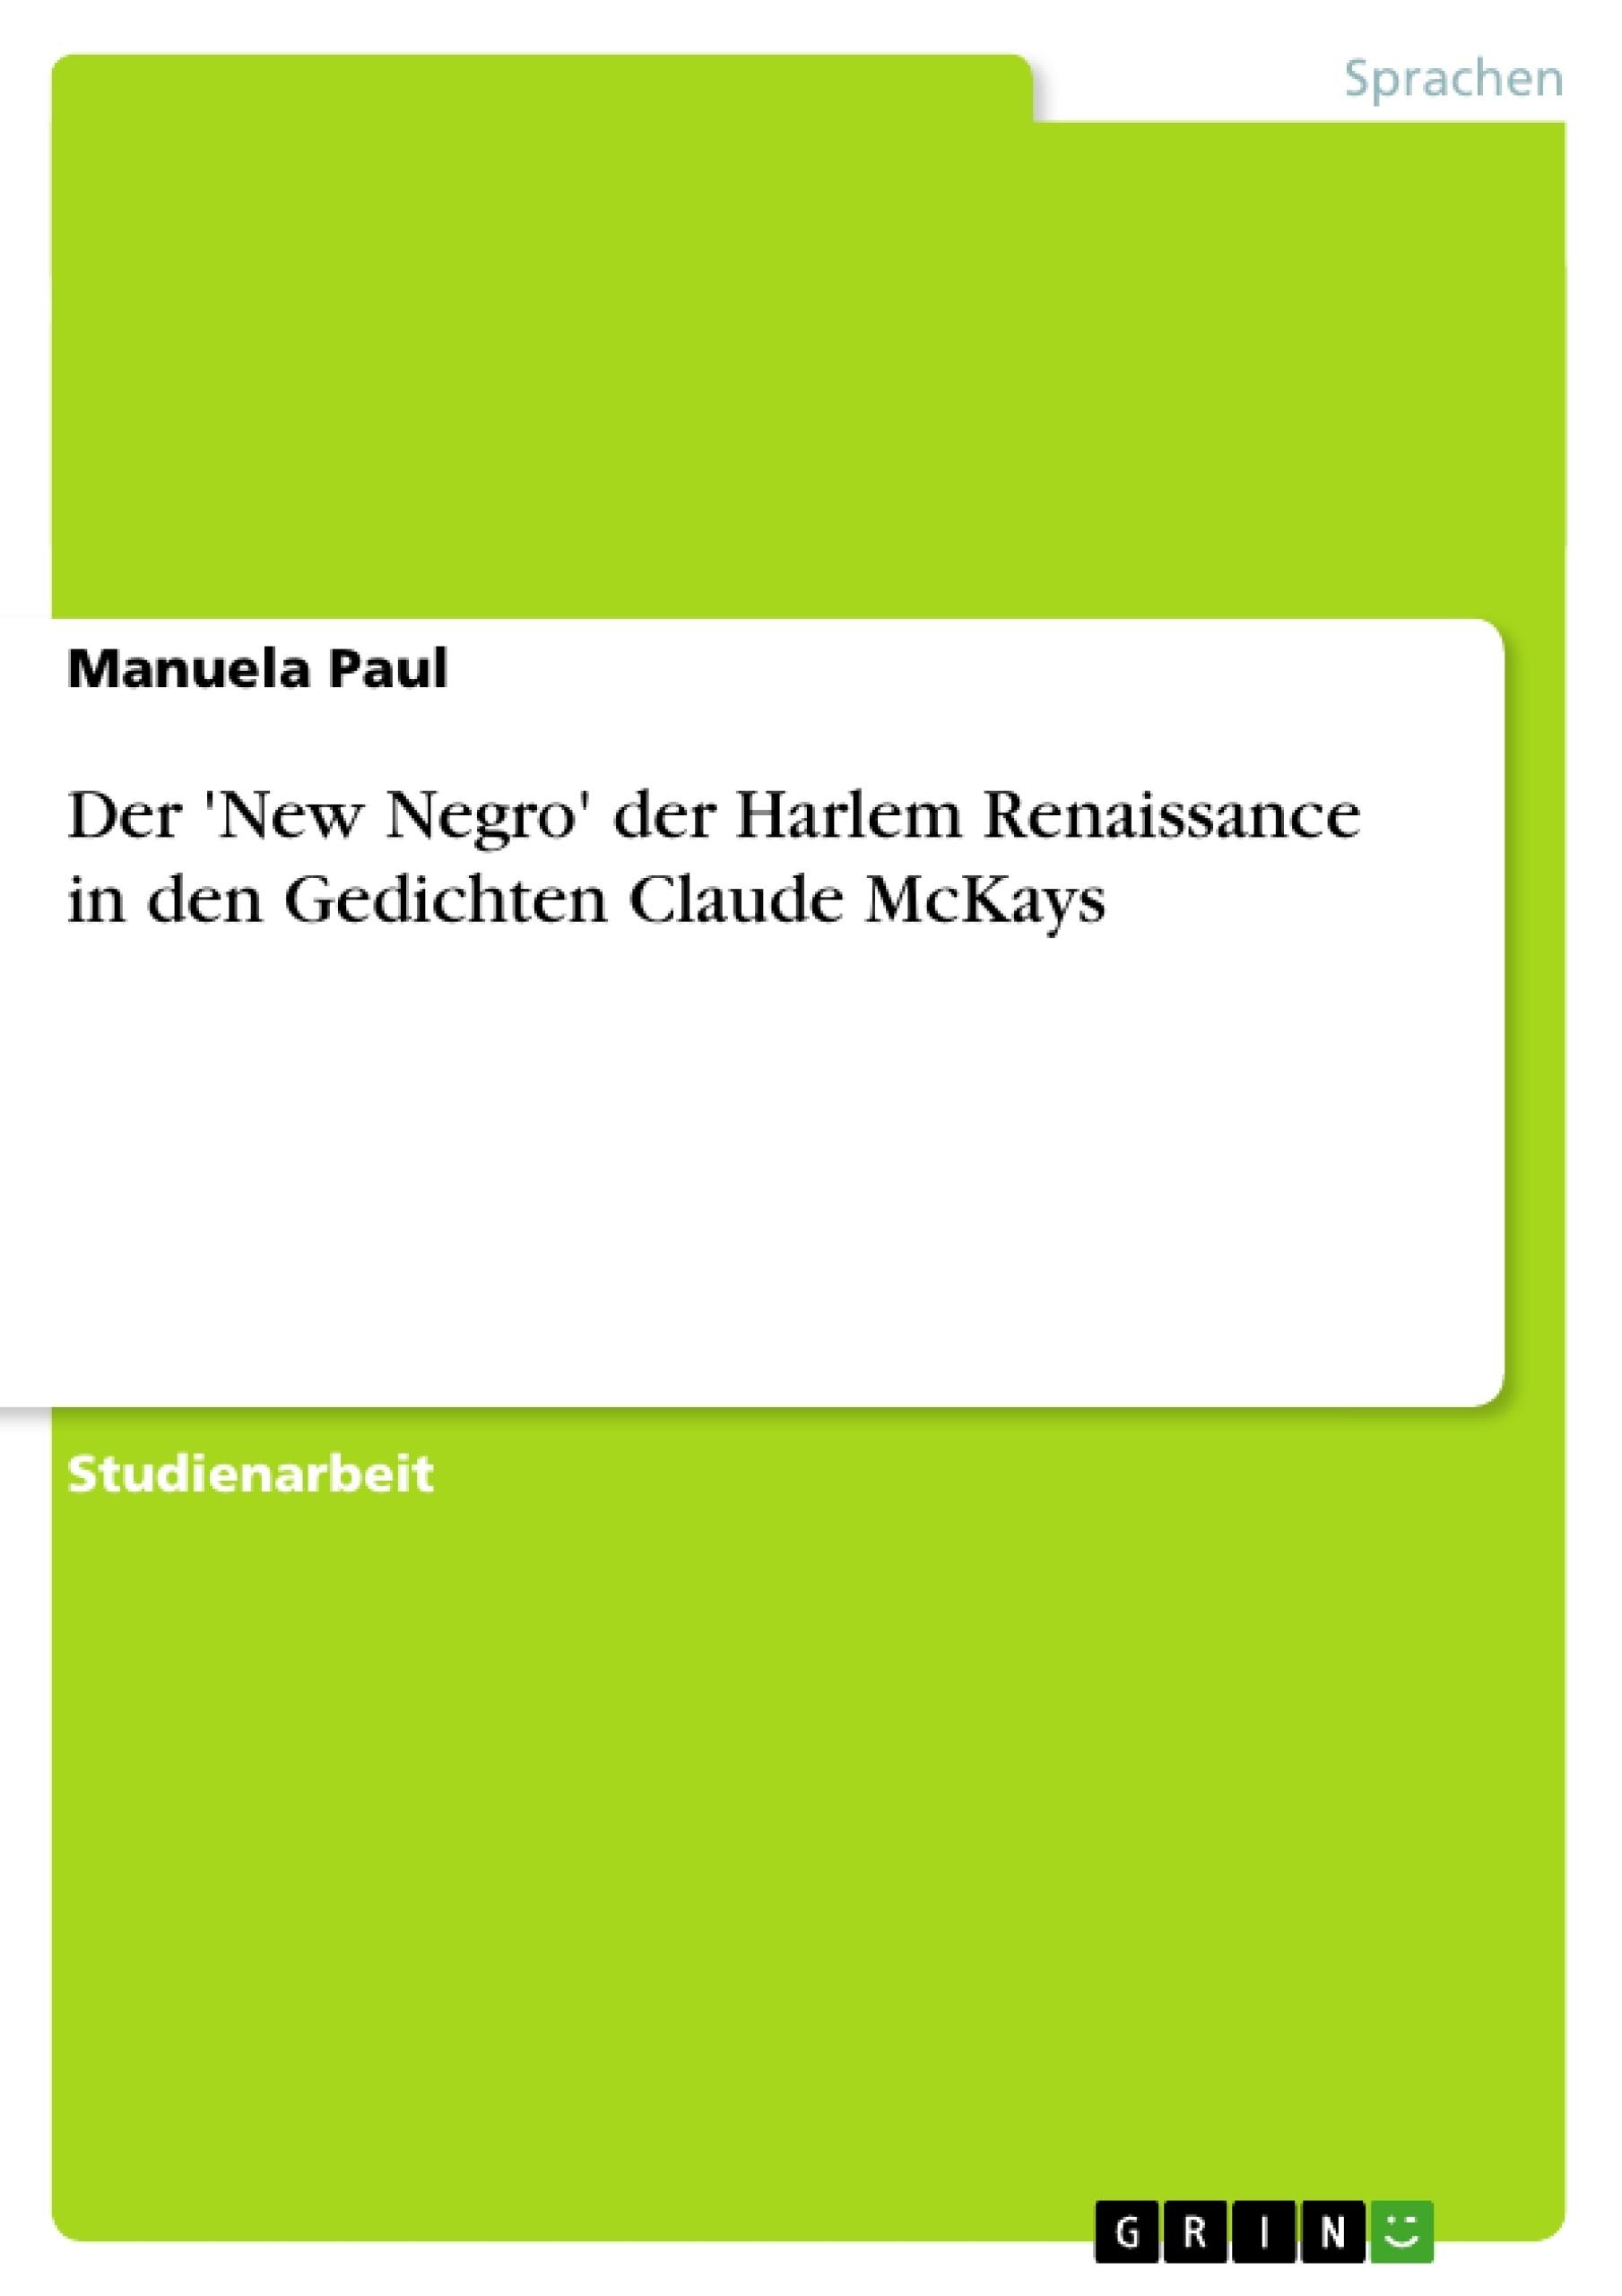 Titel: Der 'New Negro' der Harlem Renaissance in den Gedichten Claude McKays